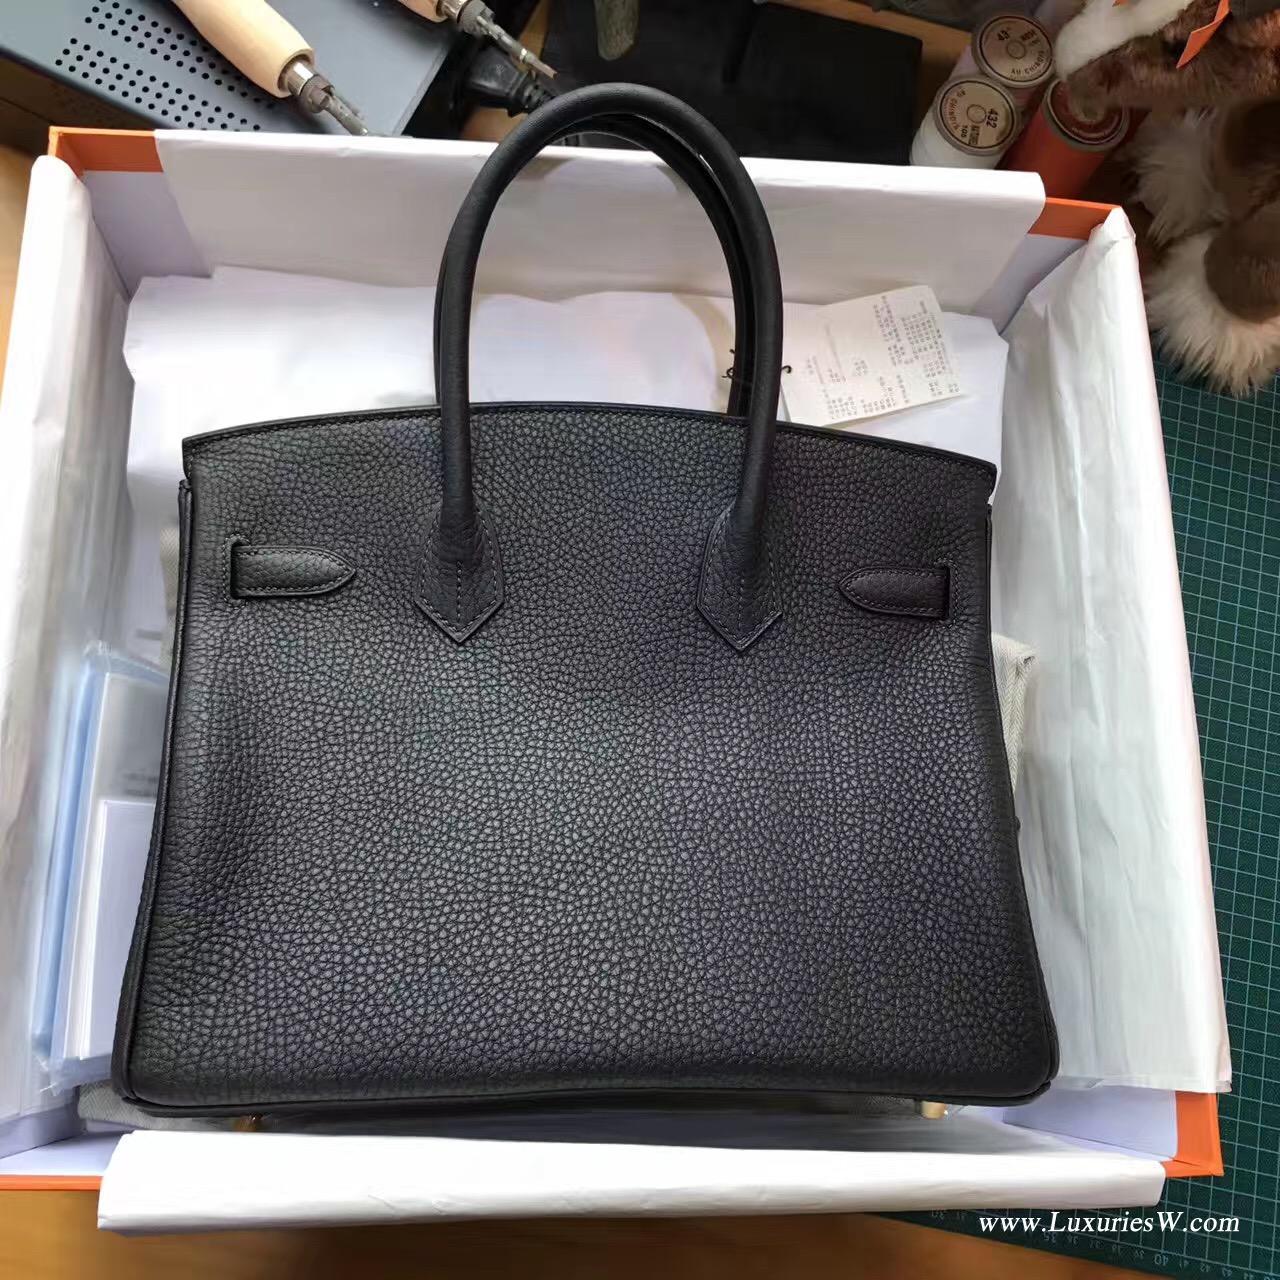 爱马仕最出名的包袋 hermes 铂金包Birkin包袋 尺寸价格大全